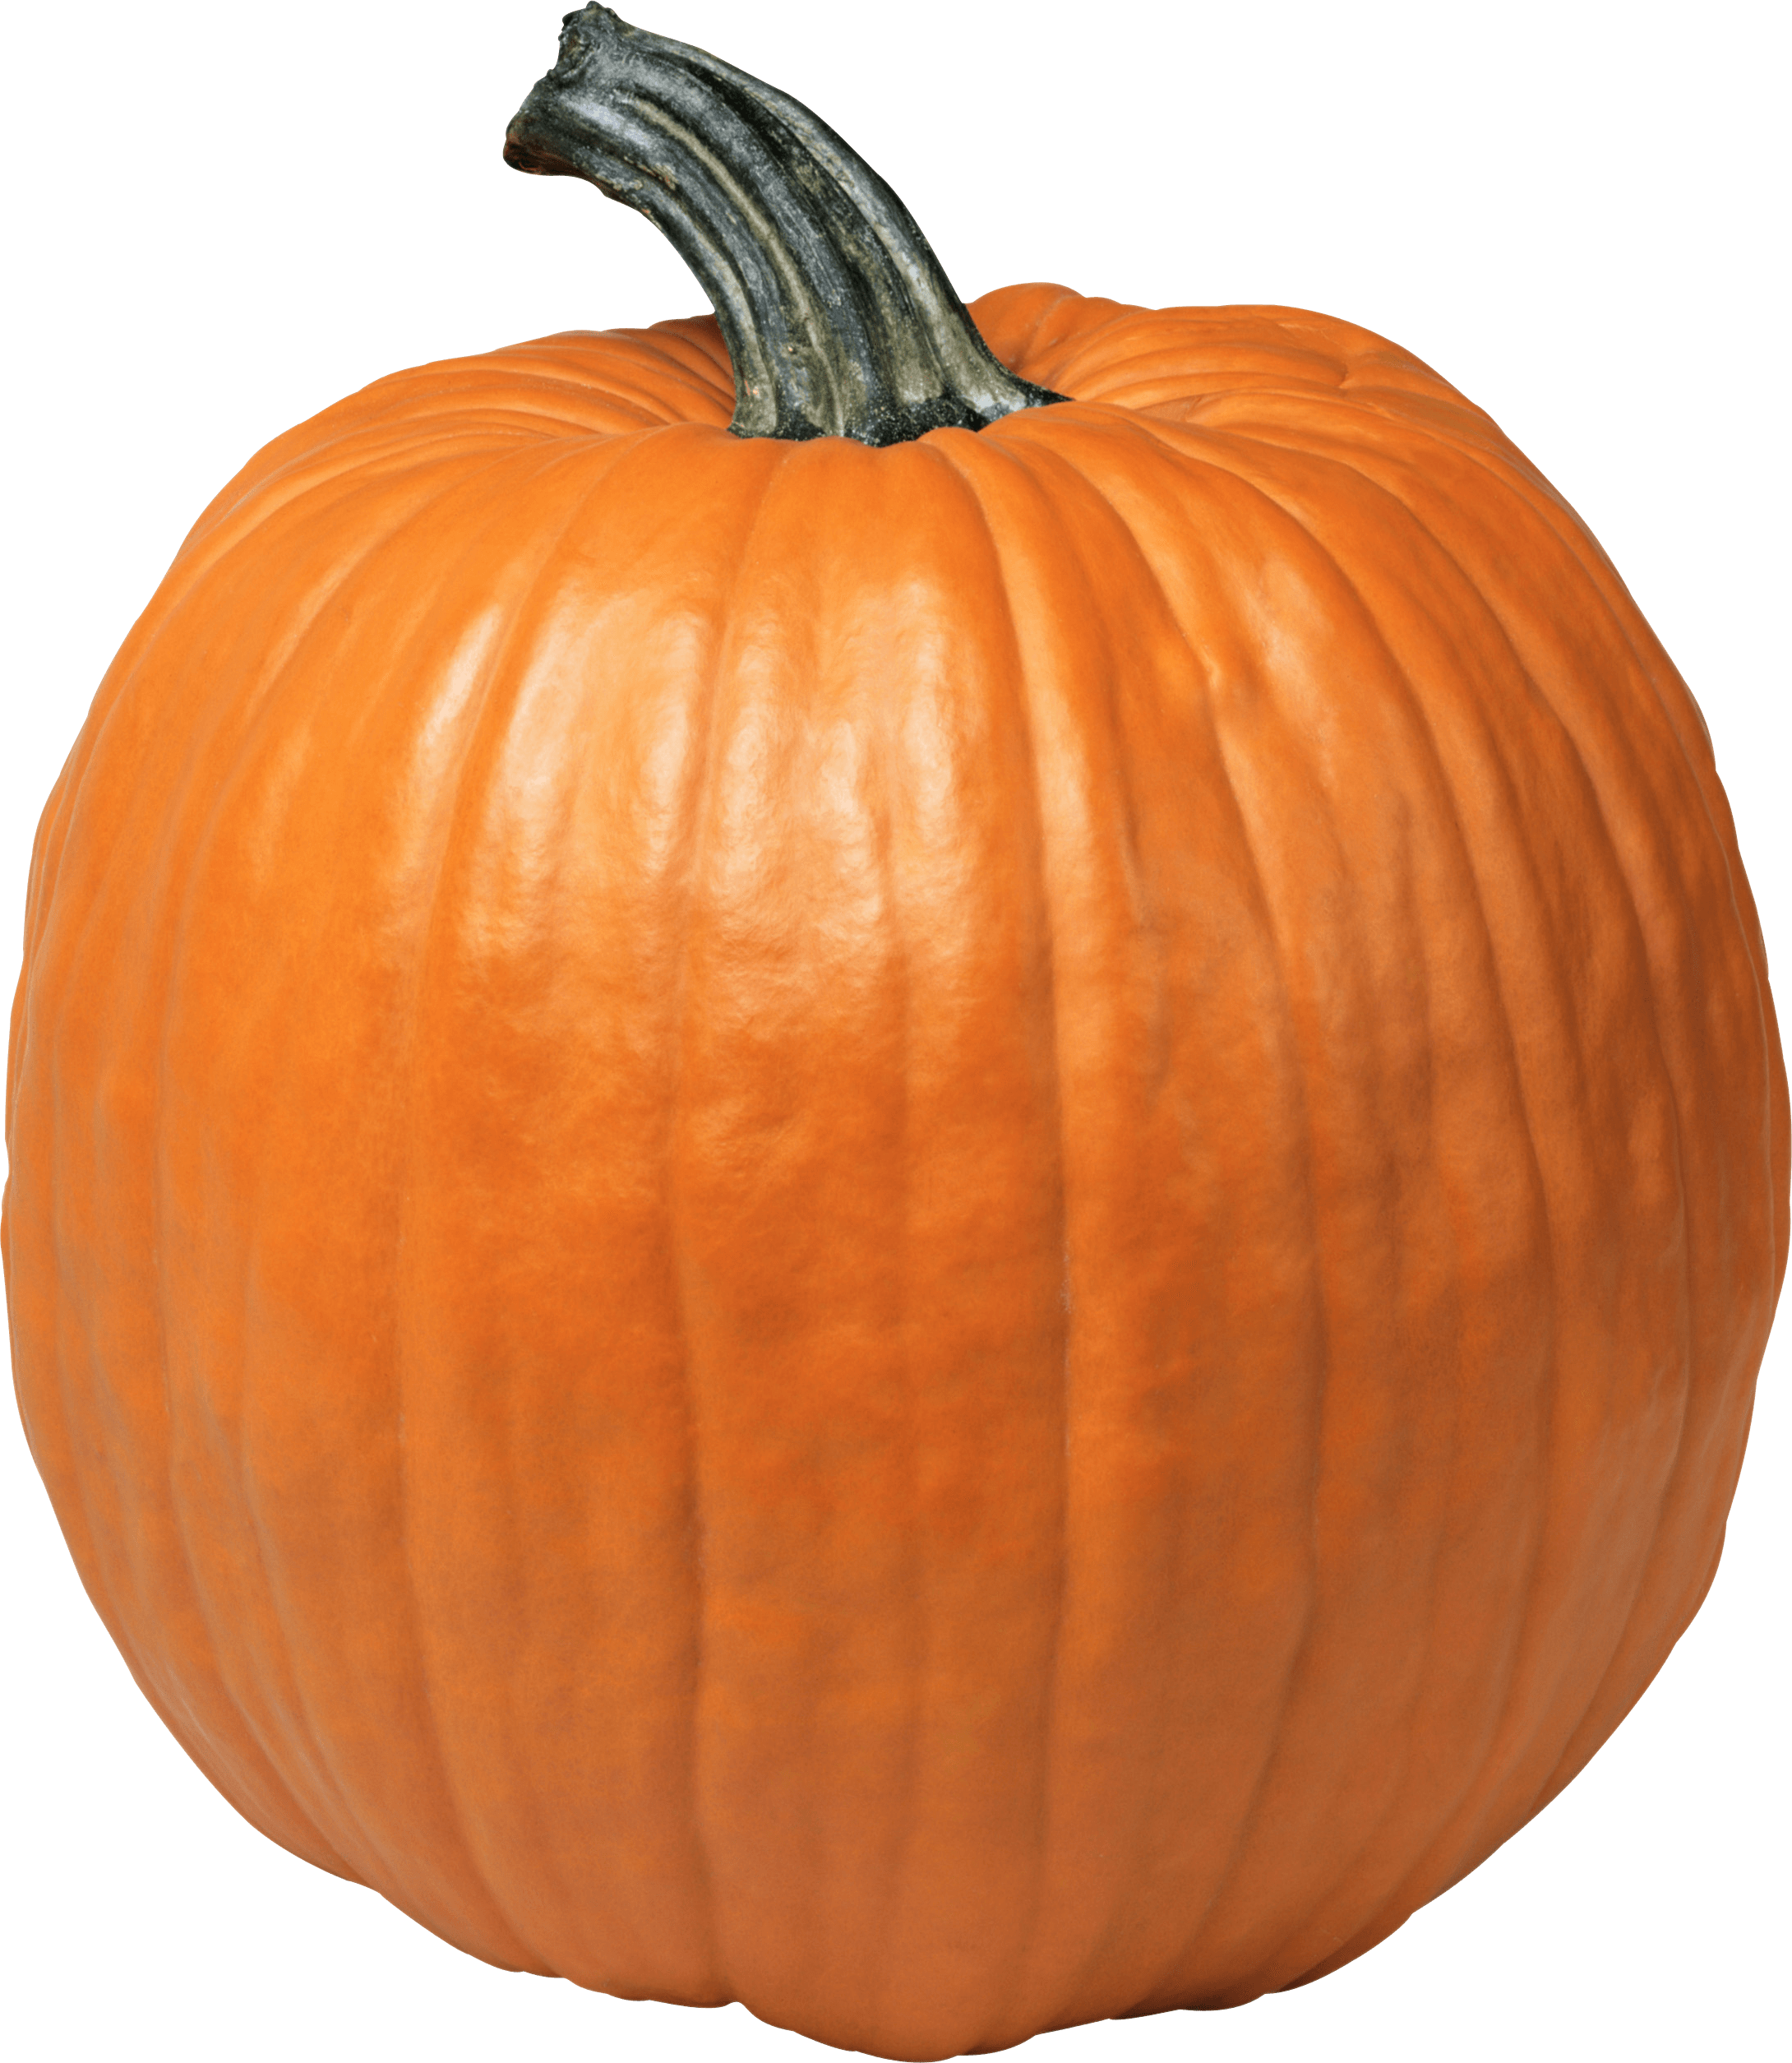 Pumpkin png clipart for photoshop svg freeuse Pumpkins transparent PNG images - StickPNG svg freeuse